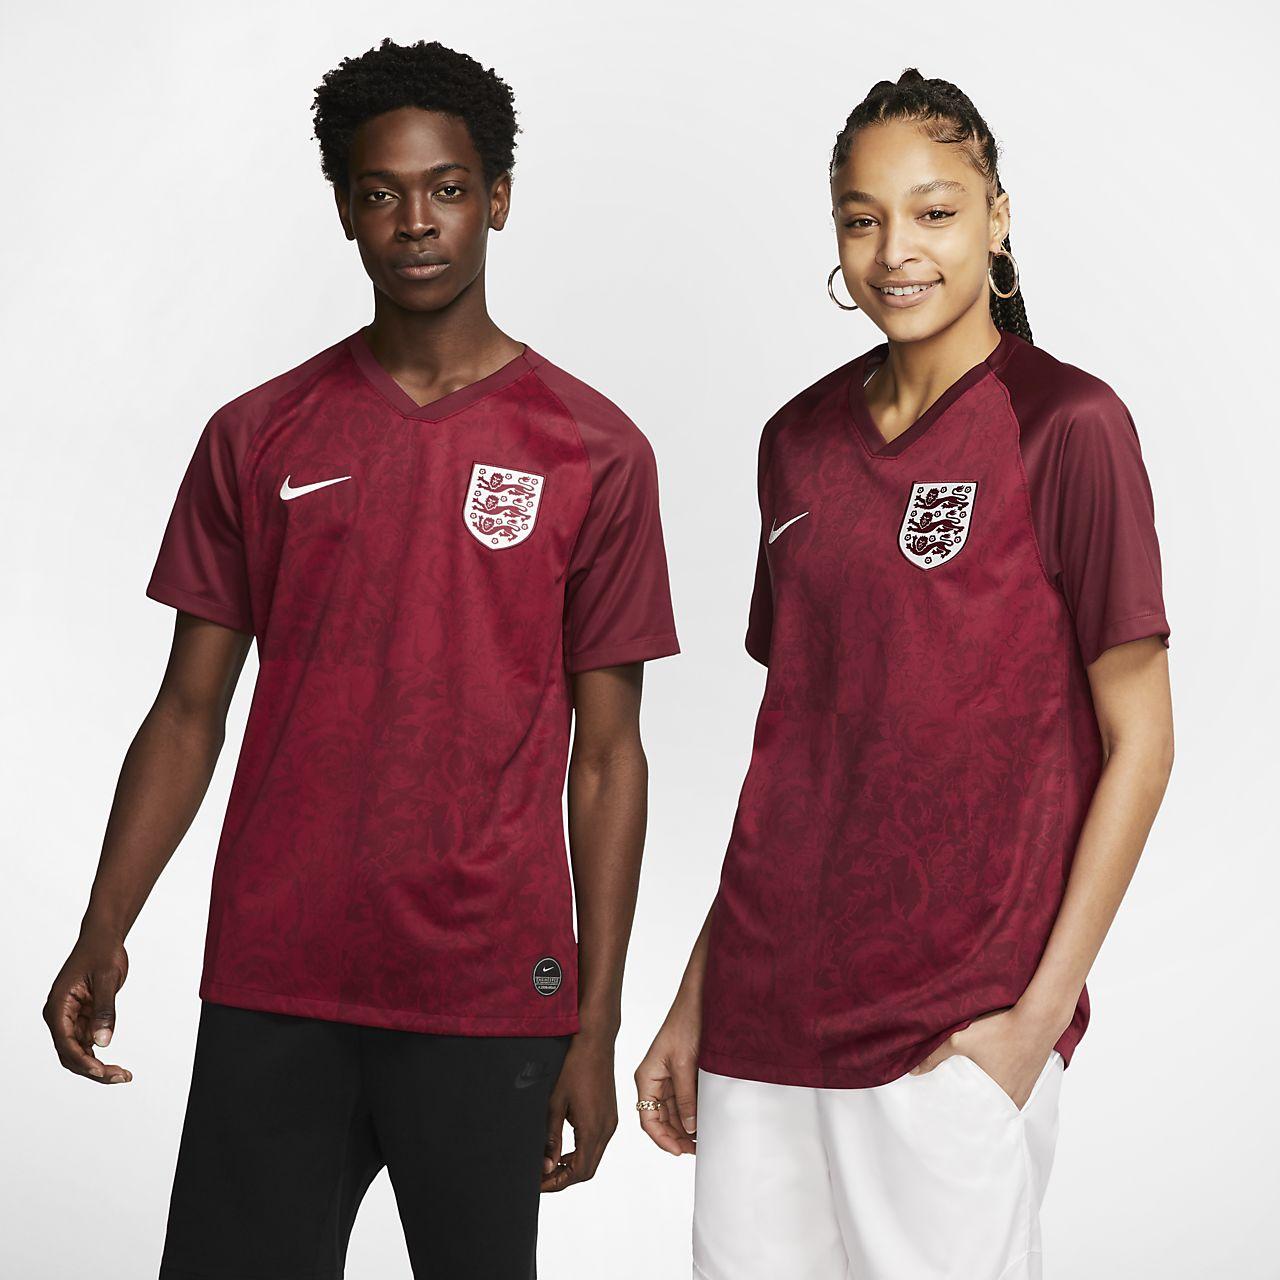 e50eab9fb6f England 2019 Stadium Away Men s Soccer Jersey. Nike.com